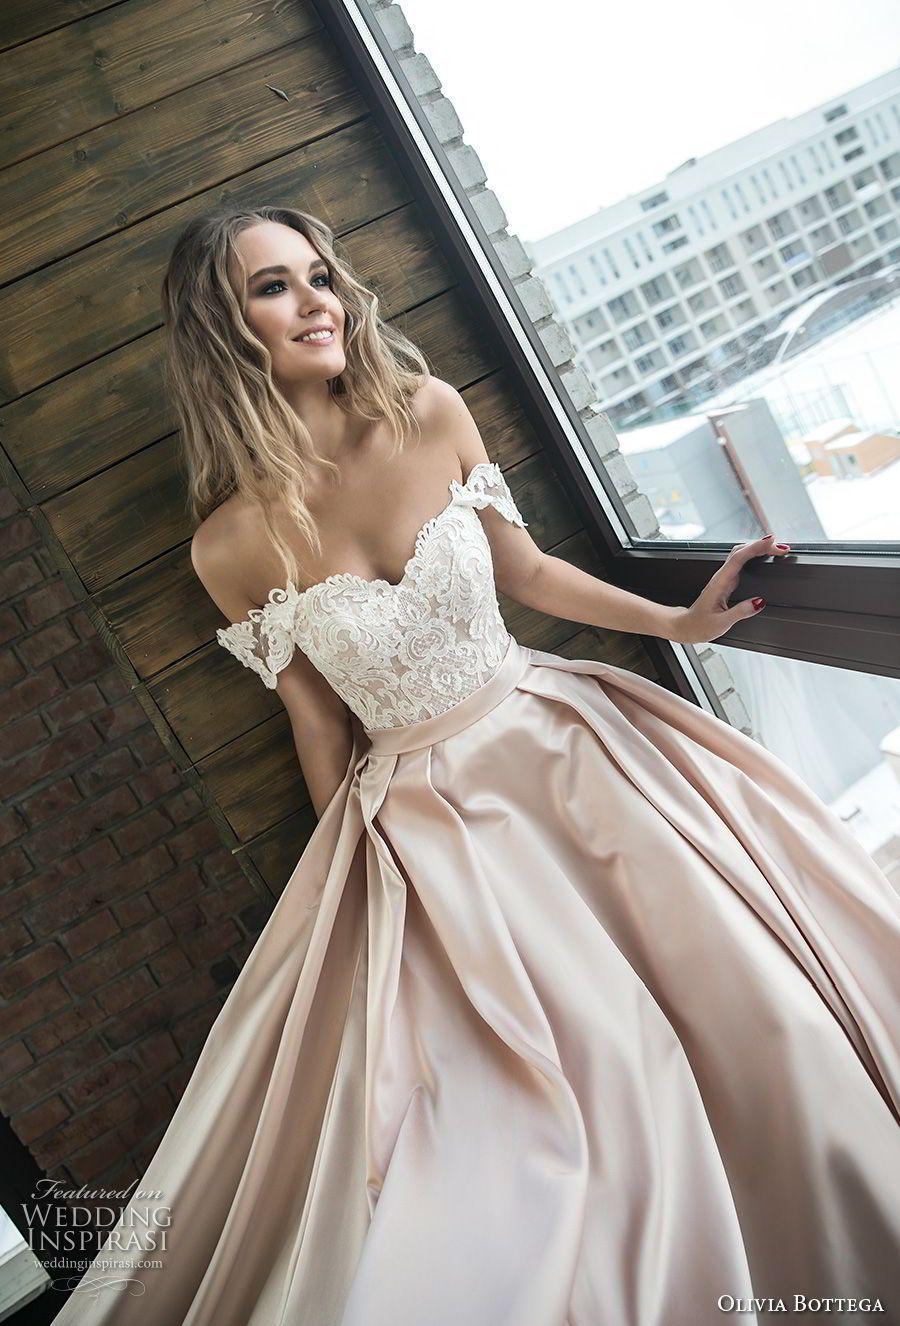 Olivia bottega bridal off the shoulder sweetheart neckline